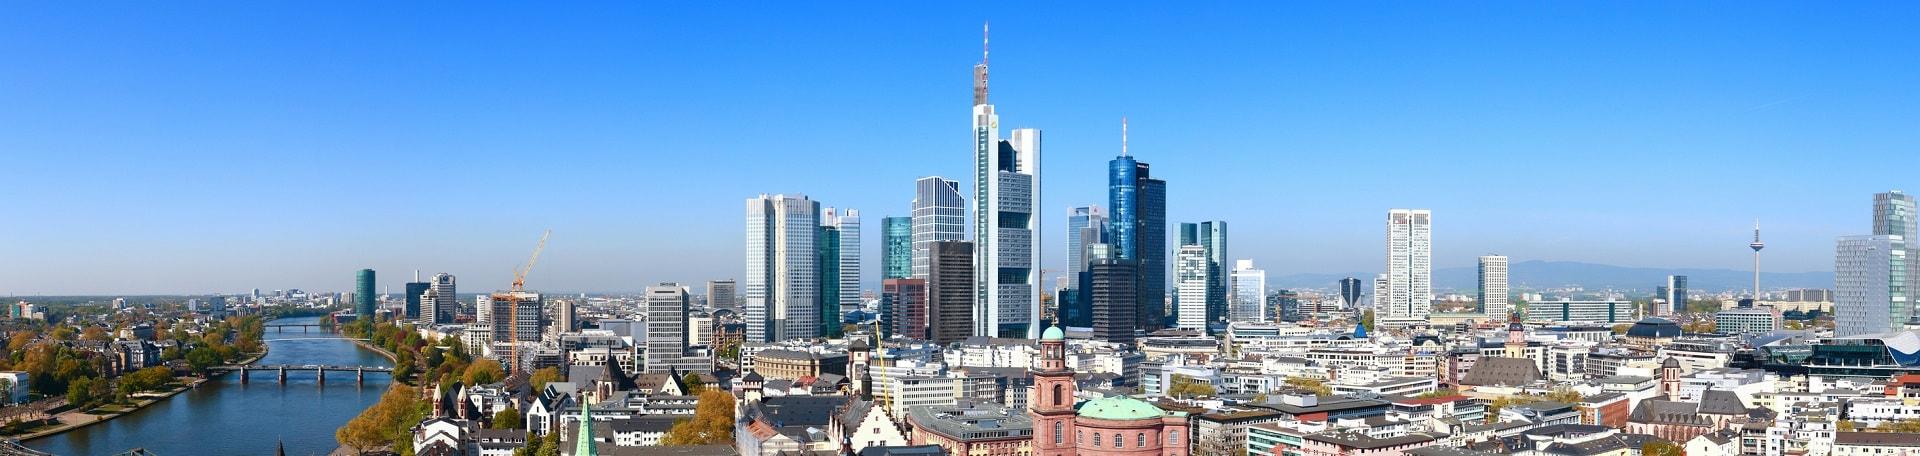 Frankfurt am Main, Blick vom Domturm